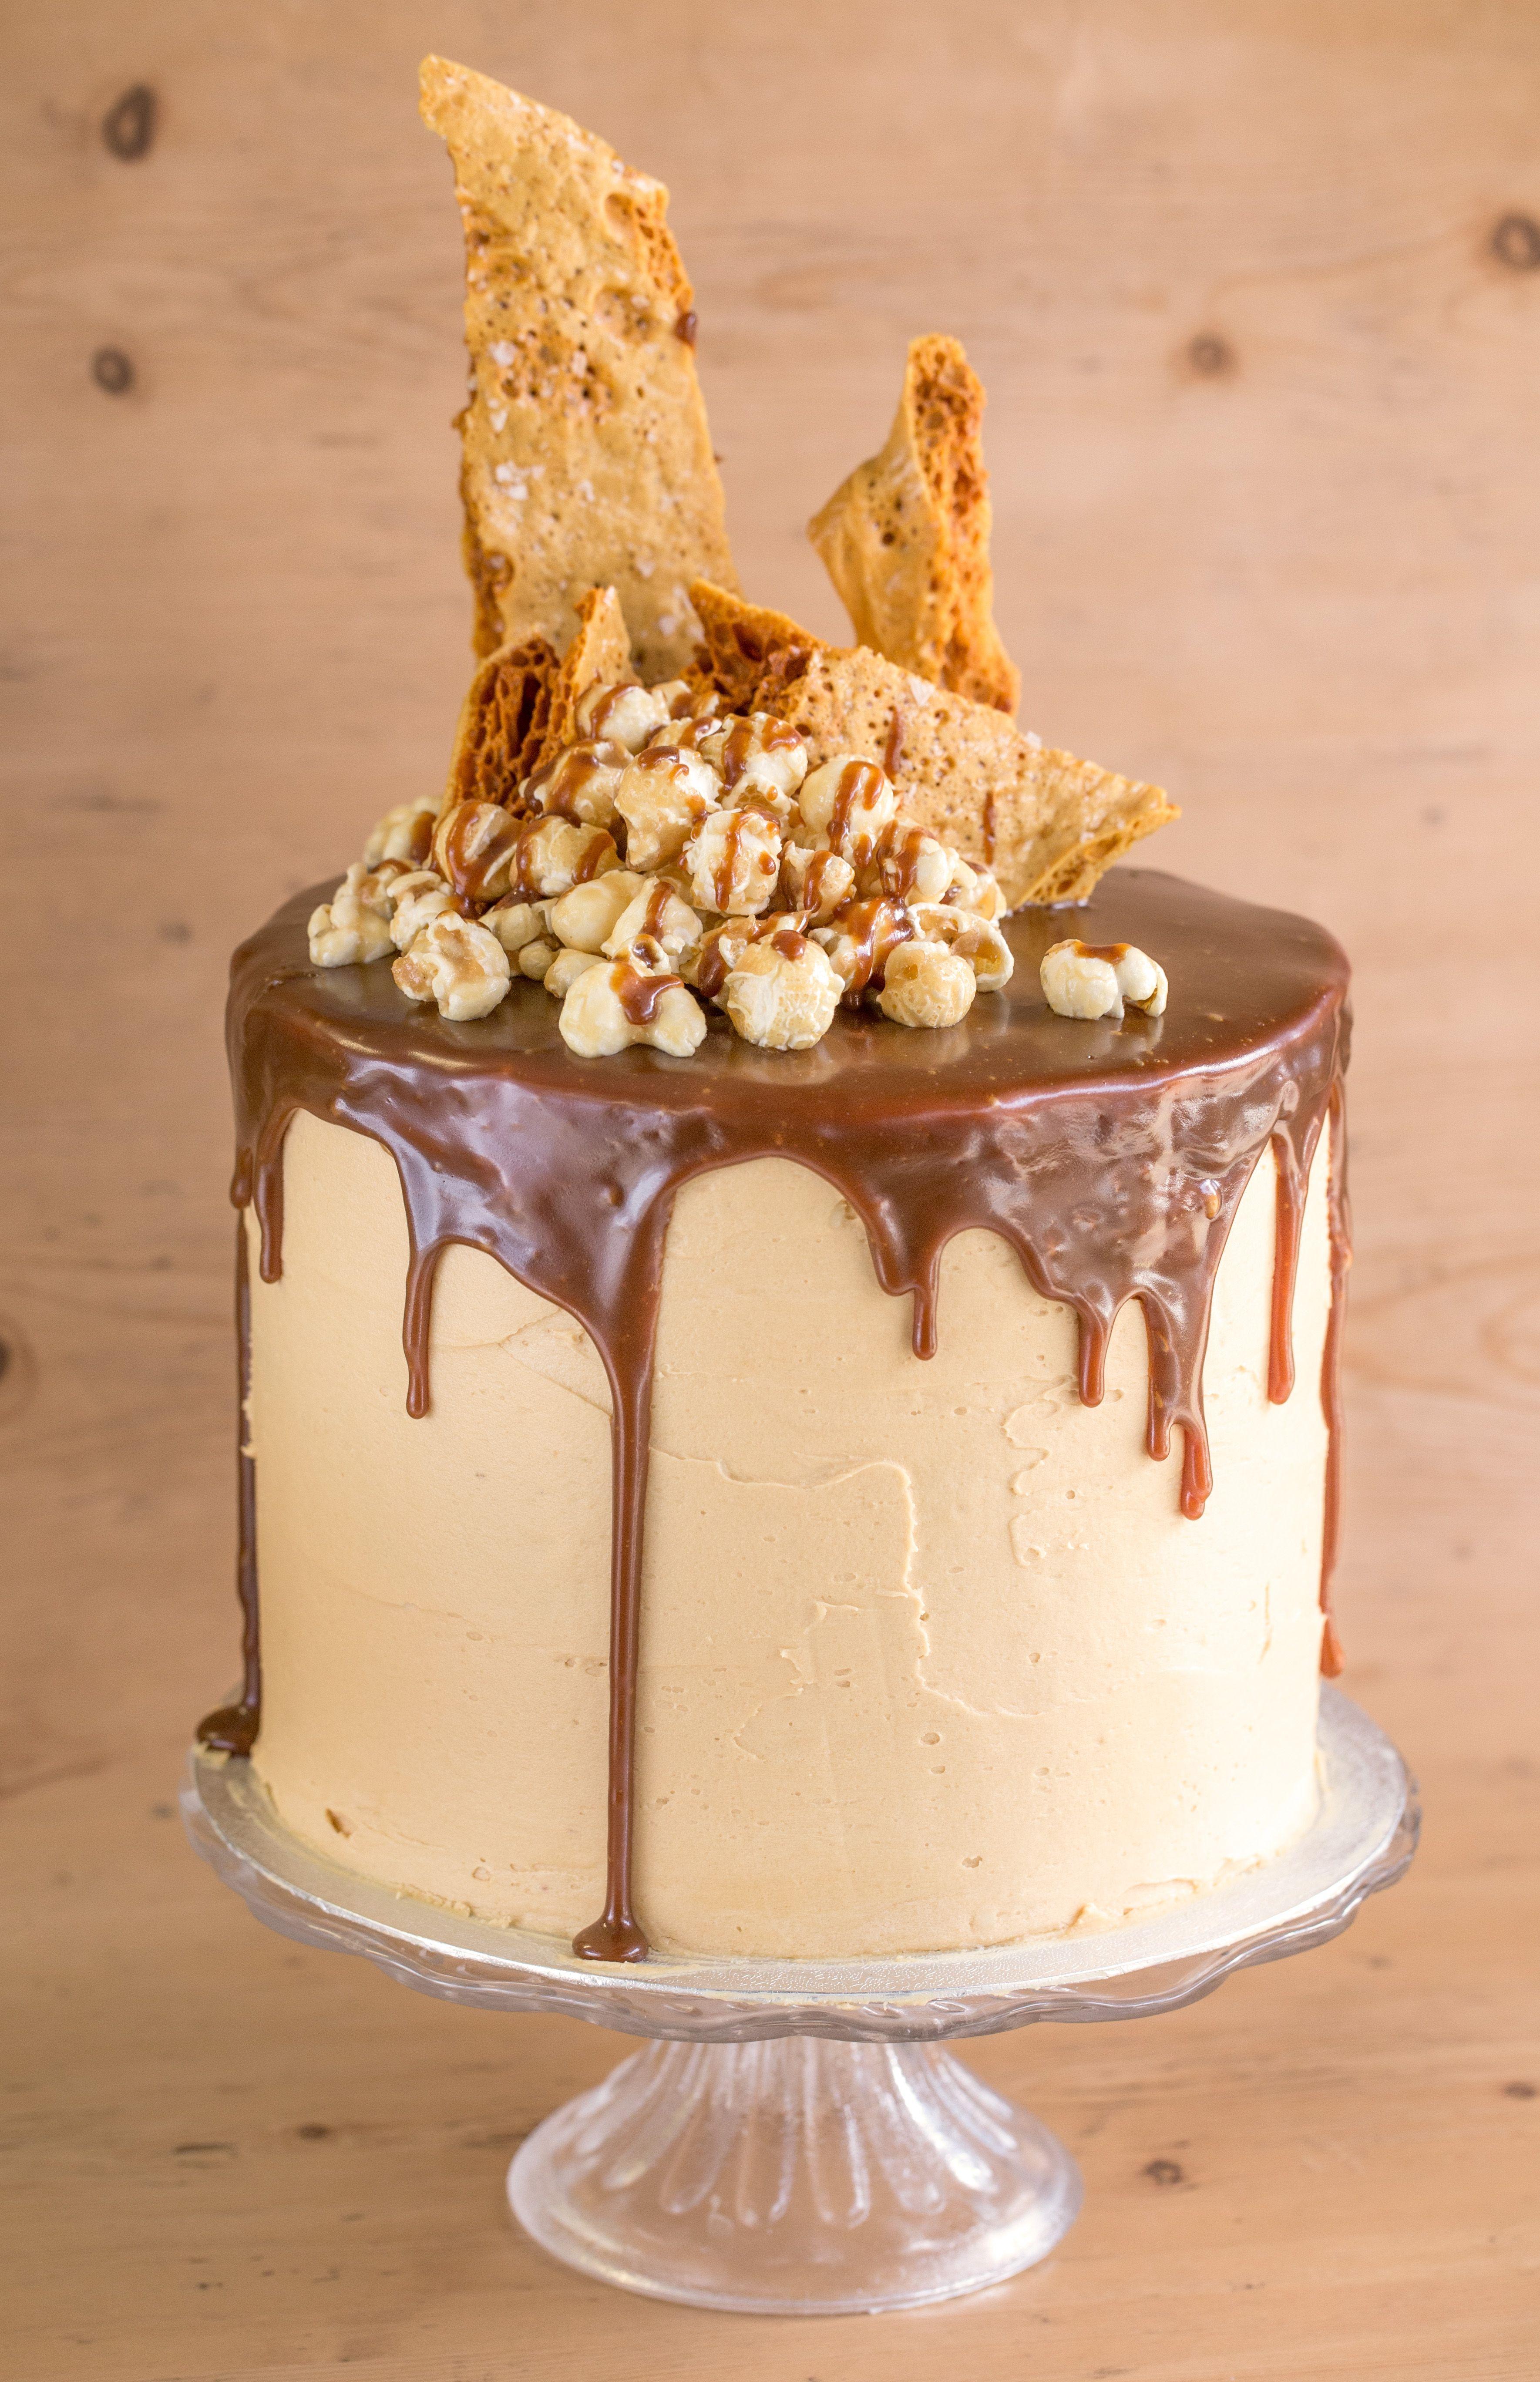 Caramel Mud Layer Cake